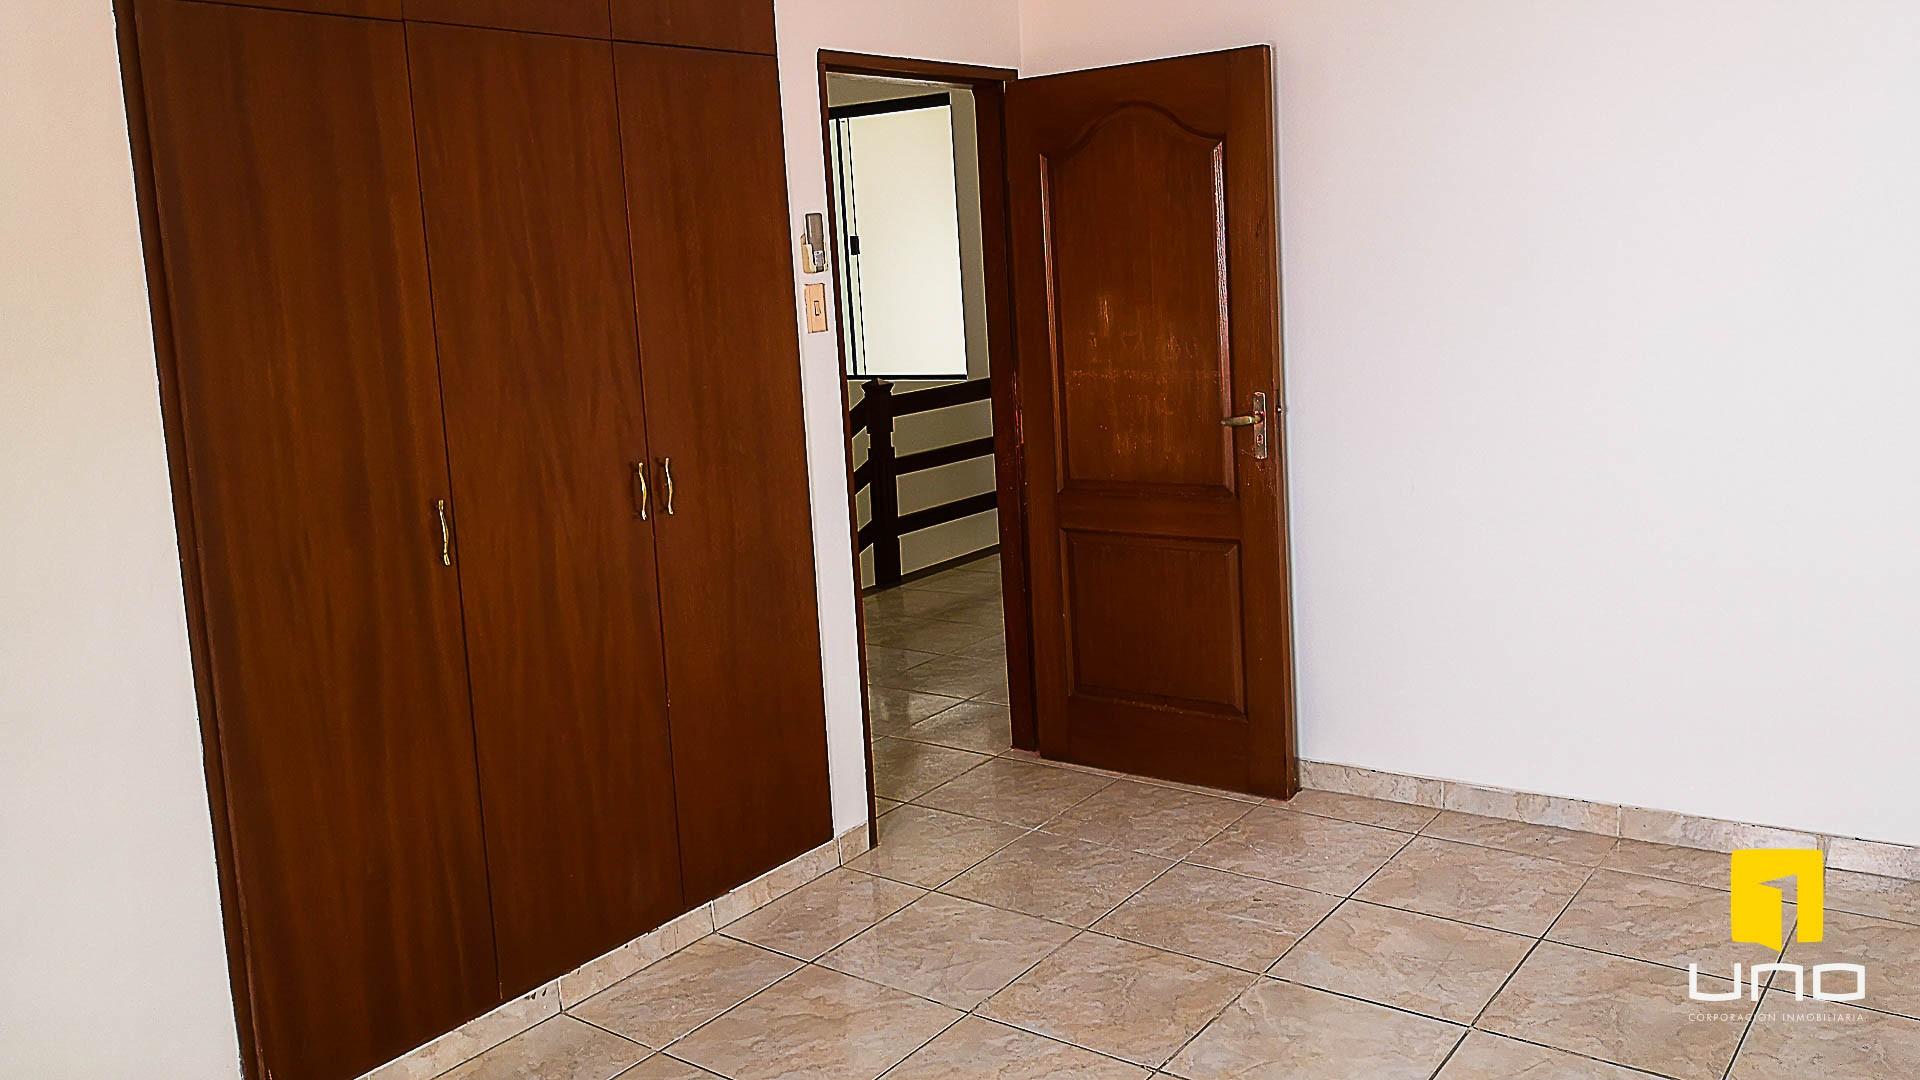 Casa en Venta $us 150.000 VENDO CASA AV ALEMANA DENTRO 3ER ANILLO TIPO DUPLEX Foto 8